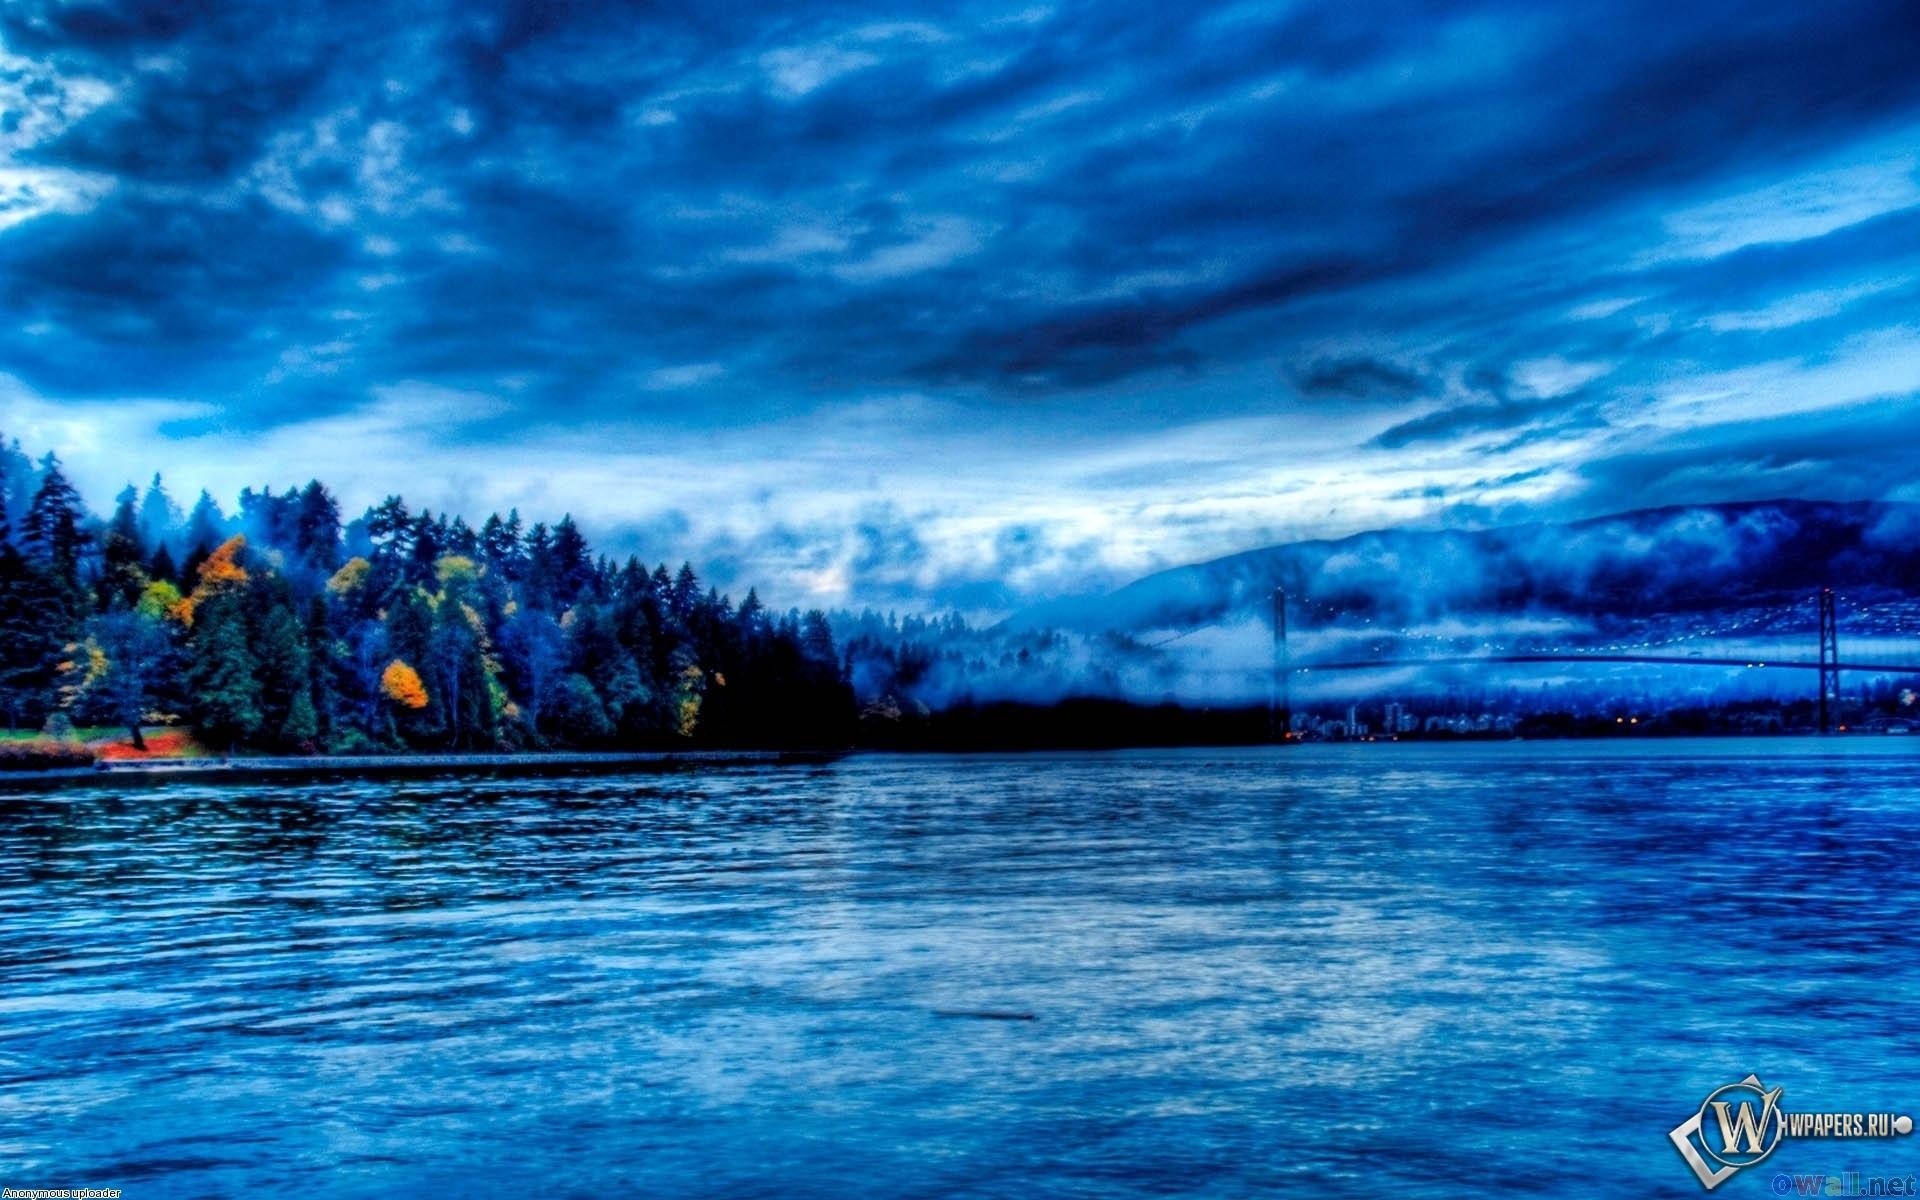 Blue water scenery 1920x1200